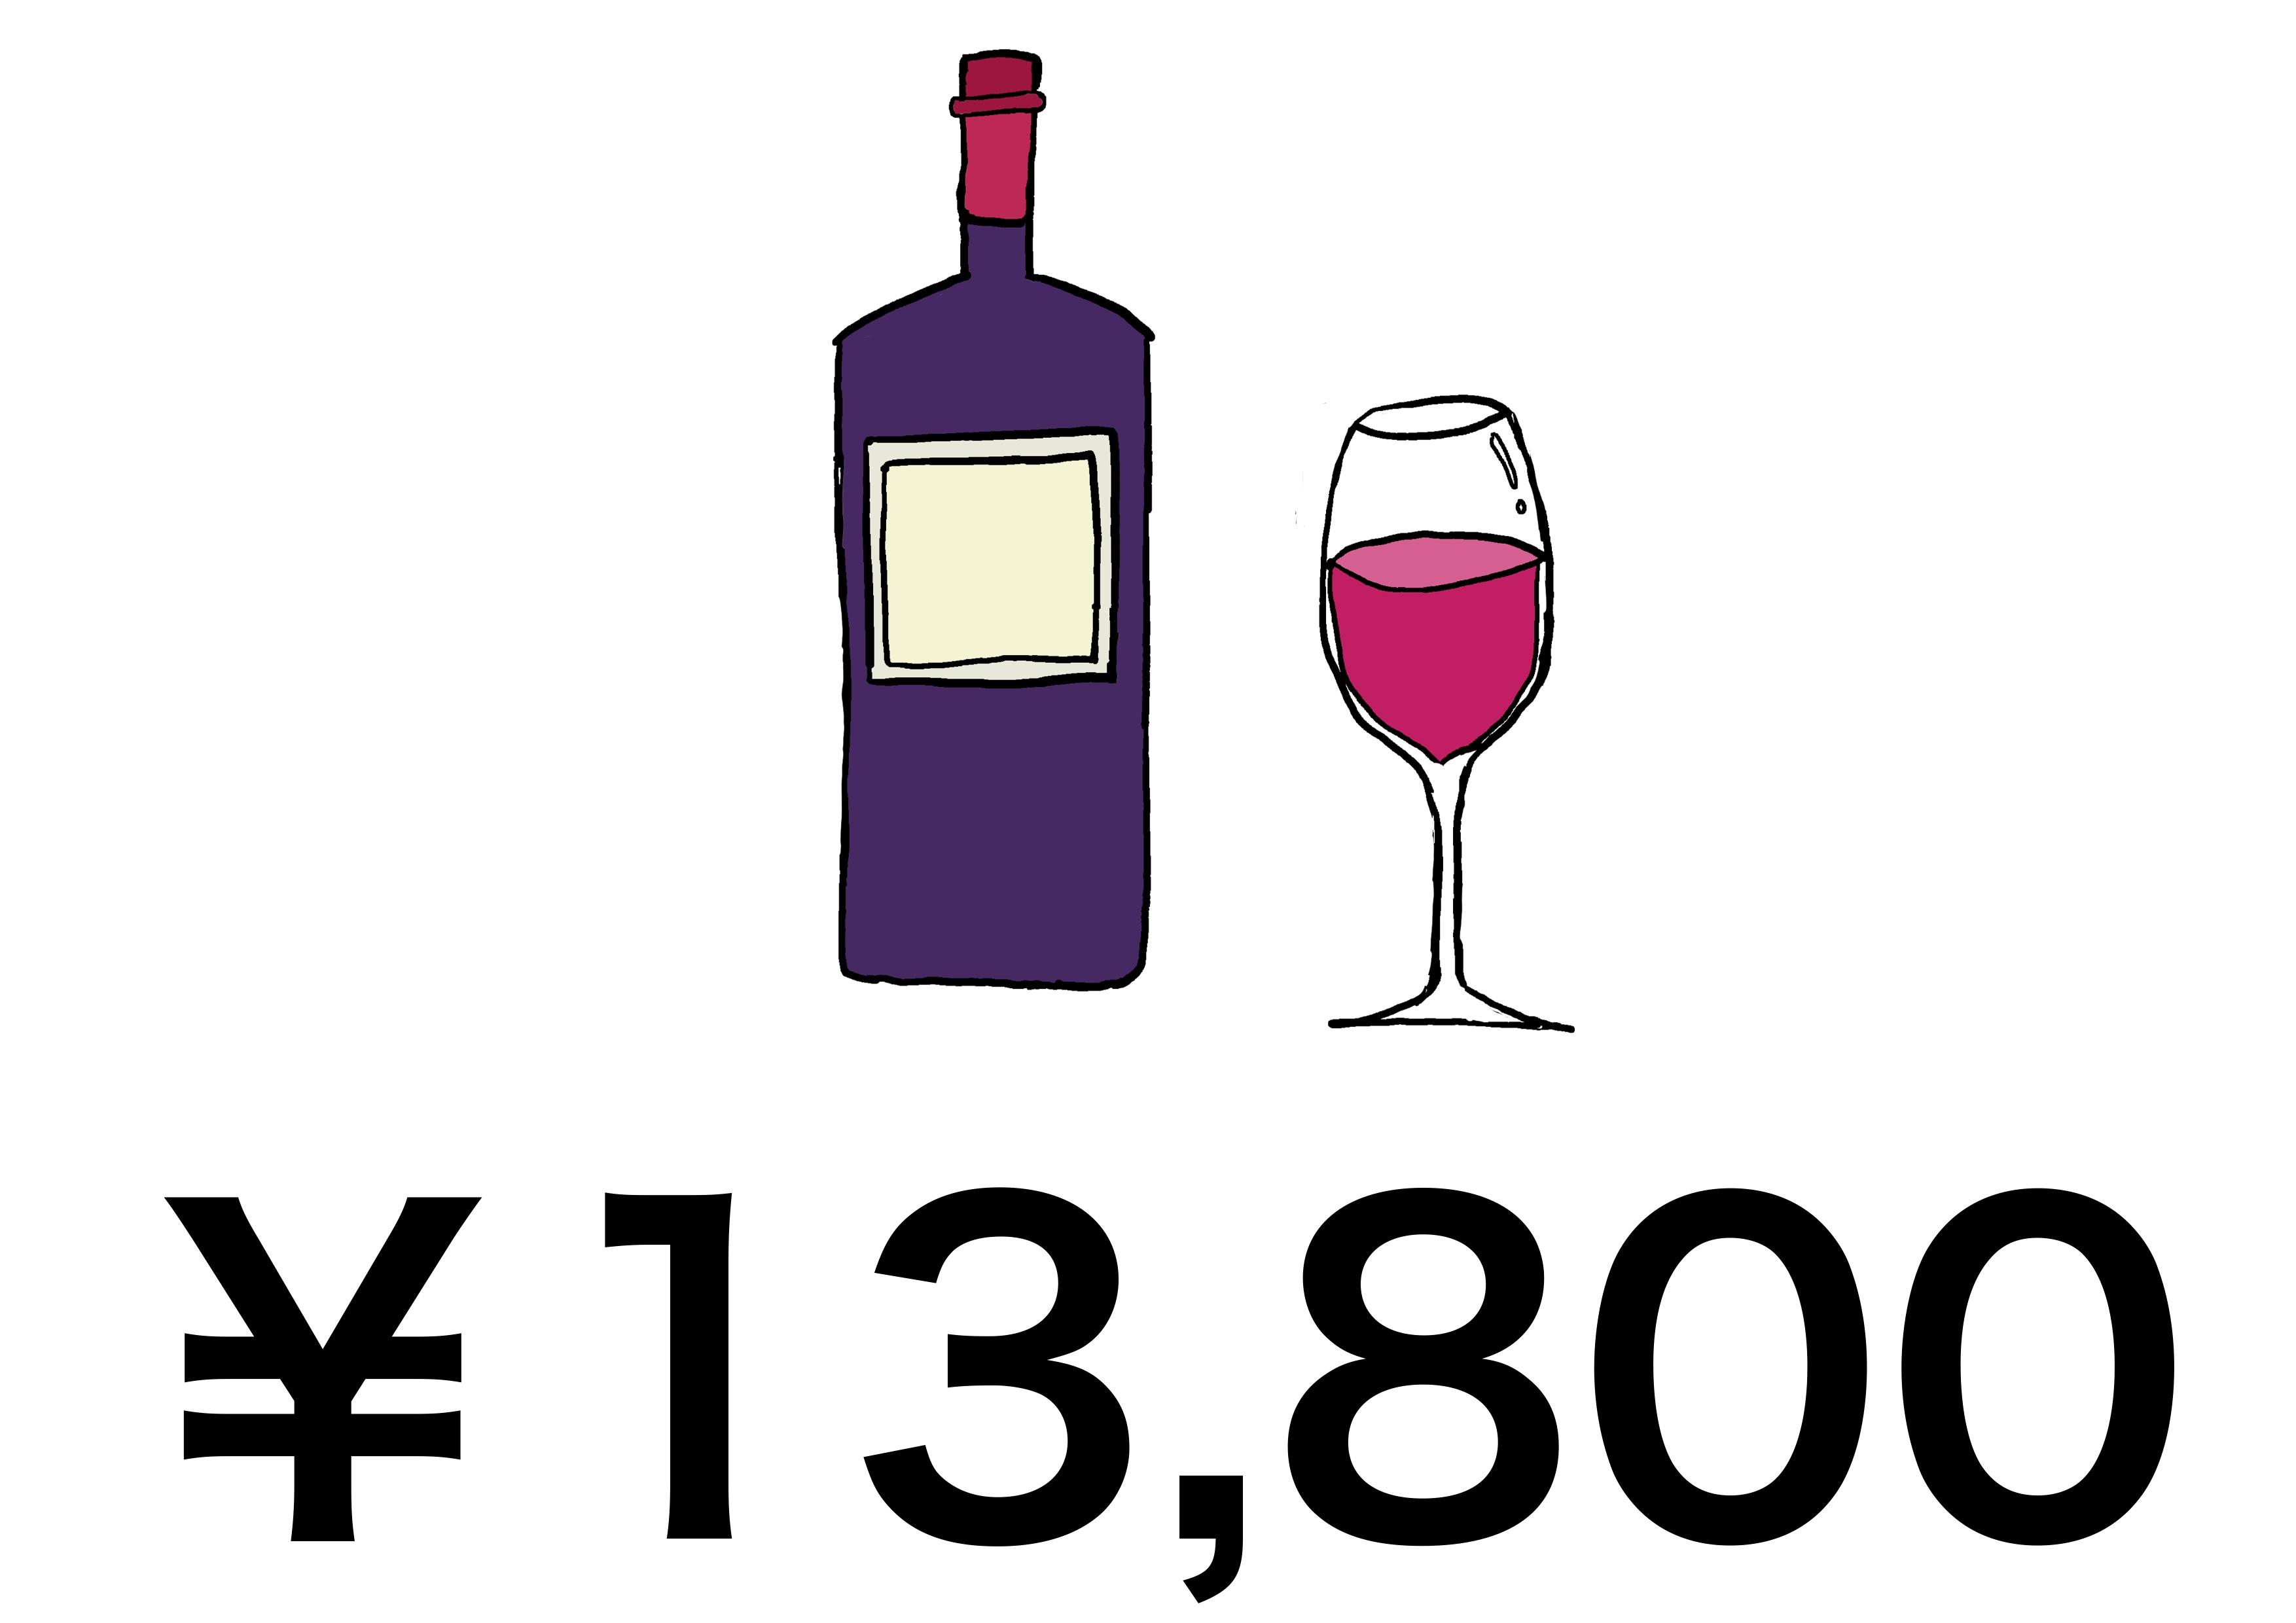 3課イラスト【ワインの値段】